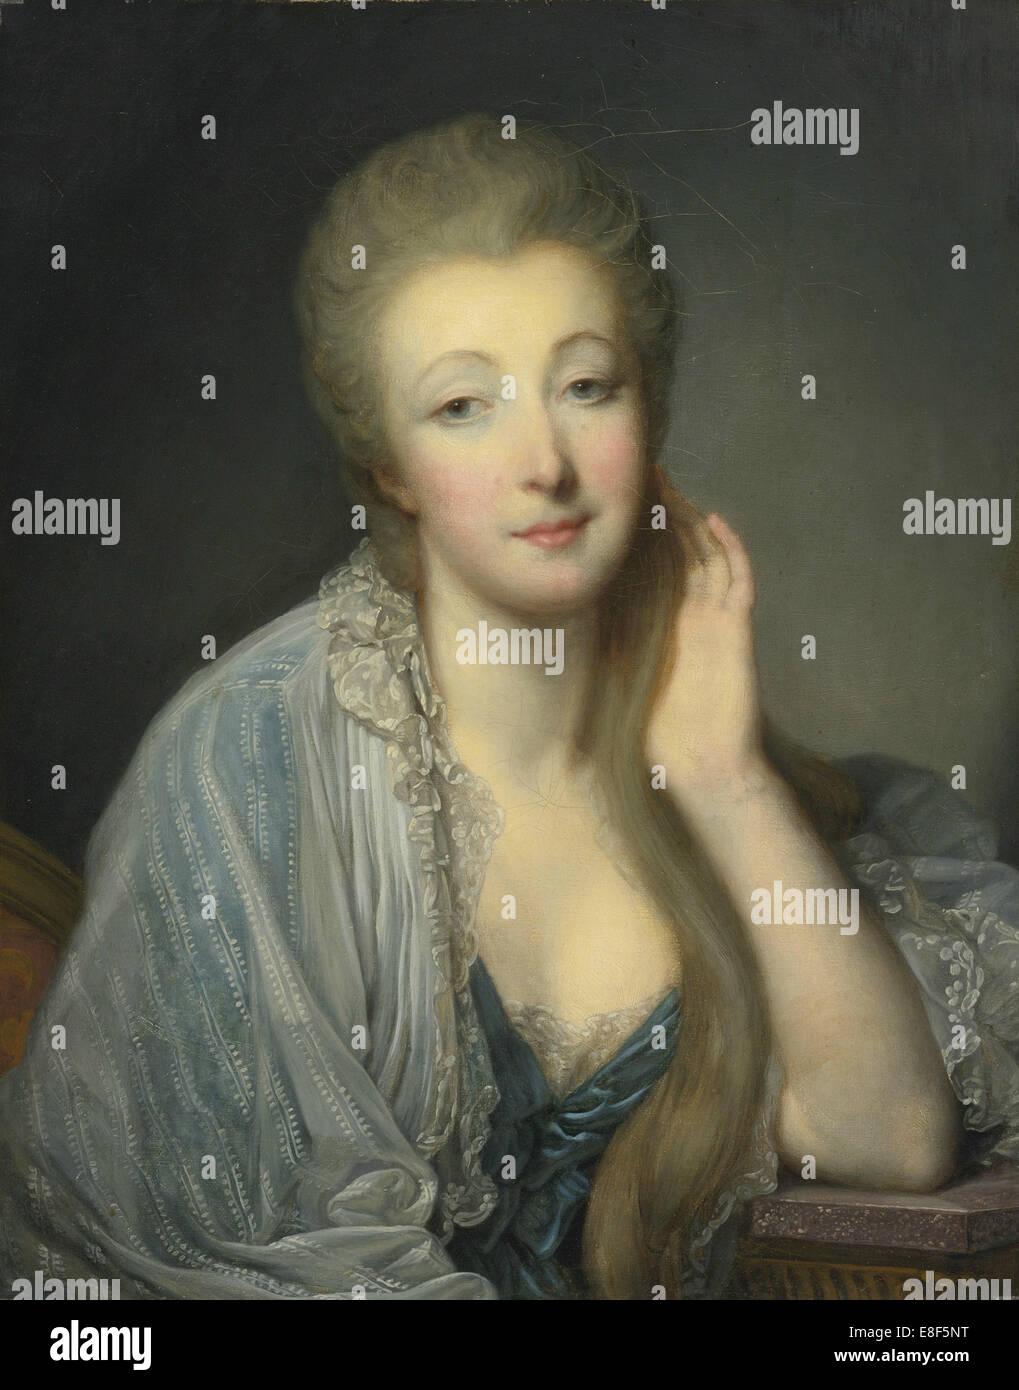 Jeanne Bécu, comtesse Du Barry (1743-1793). Artist: Greuze, Jean-Baptiste (1725-1805) - Stock Image